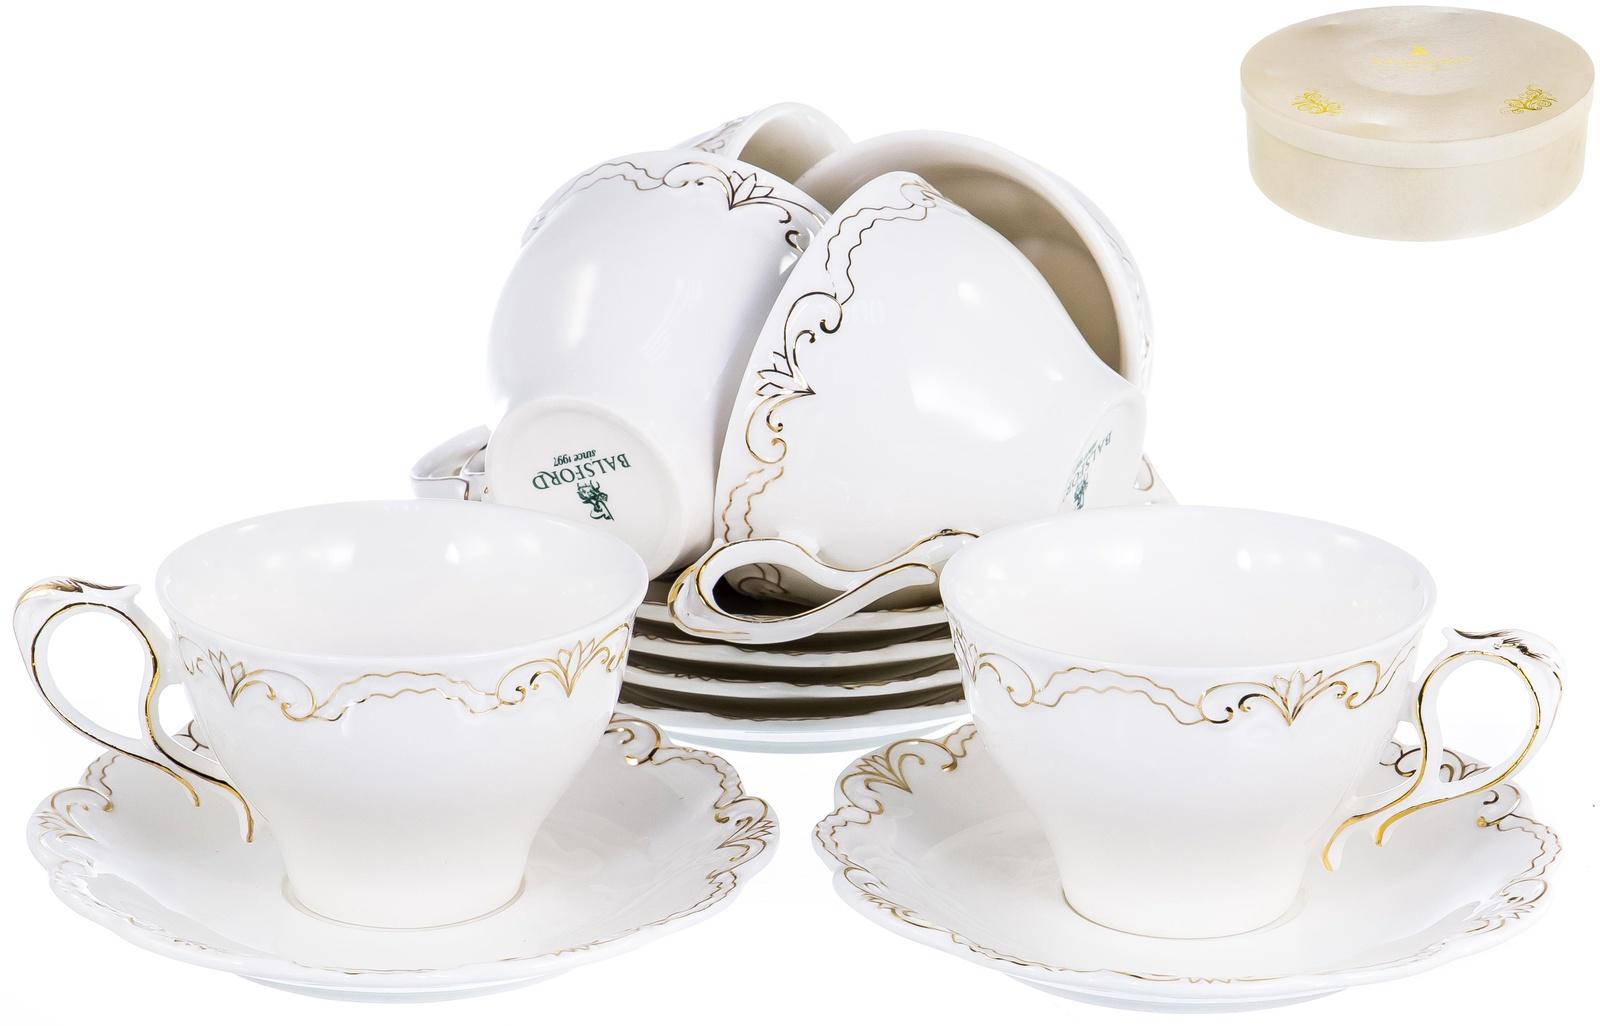 ГРАЦИЯ ФАНТАЗИЯ, набор чайный, 6 чашек 275мл, 6 блюдец, NEW BONE CHINA, декор белоснежный с золотом, подарочная упаковка, ТМ Balsford, артикул 101-29010 стоимость